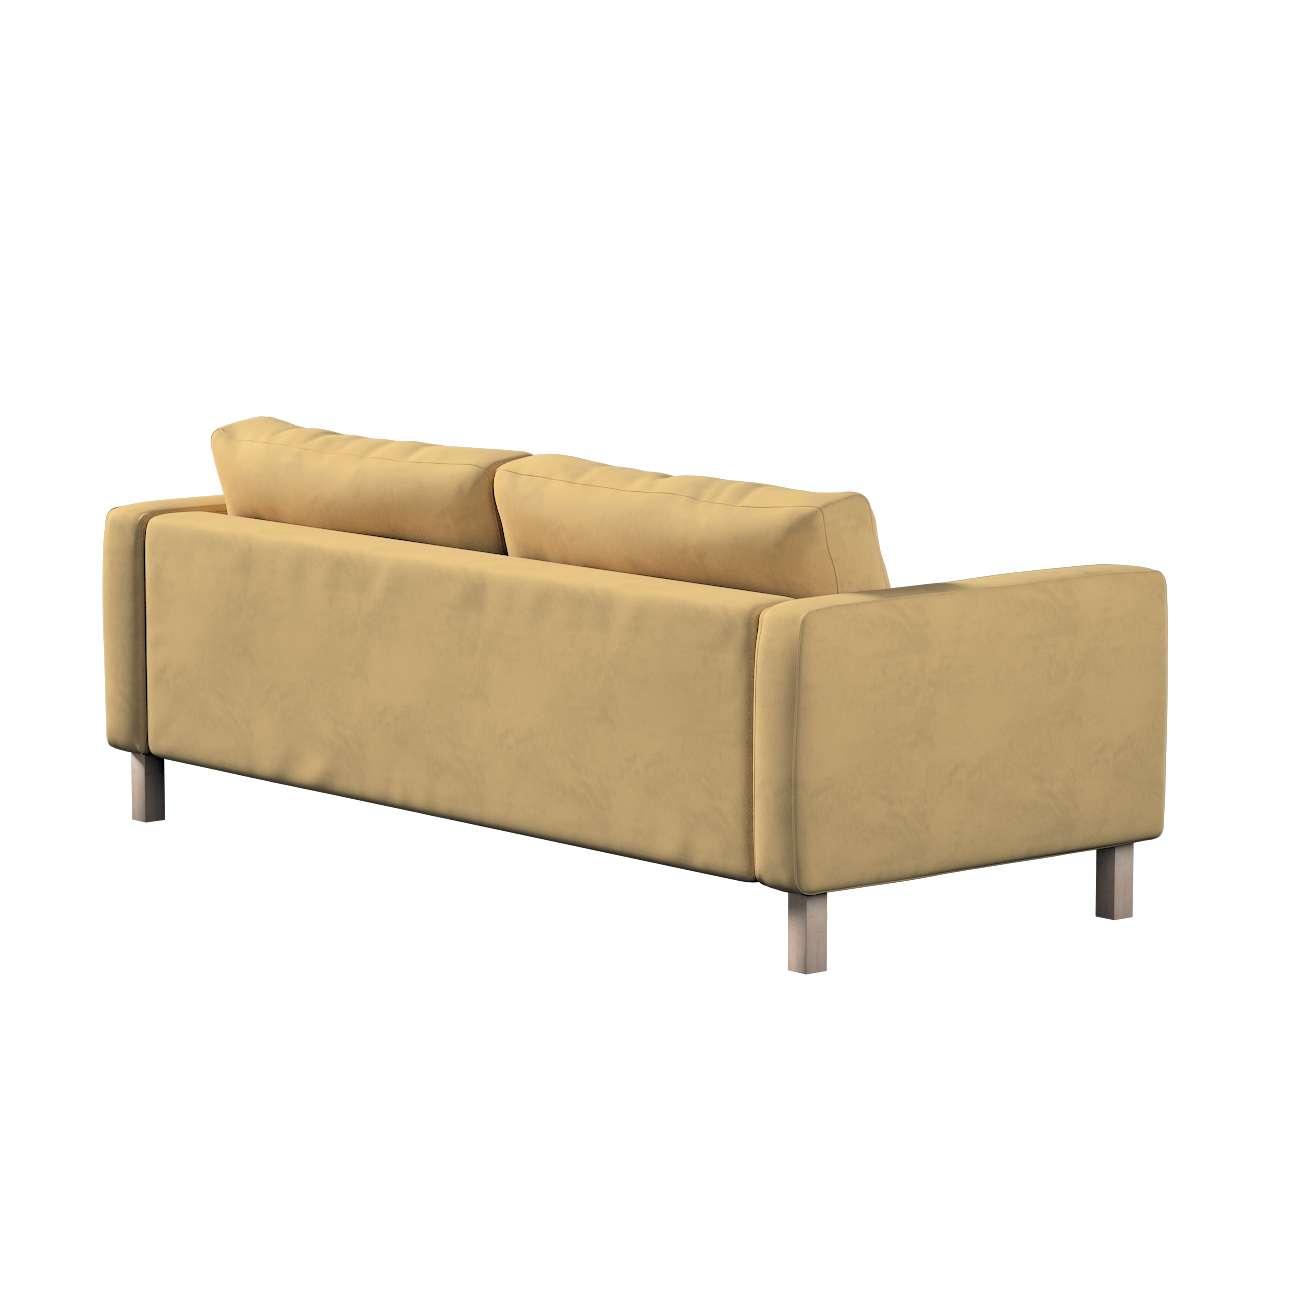 Karlstad klädsel<br>3-pers. soffa - kort - 204cm i kollektionen Living 2, Tyg: 160-93